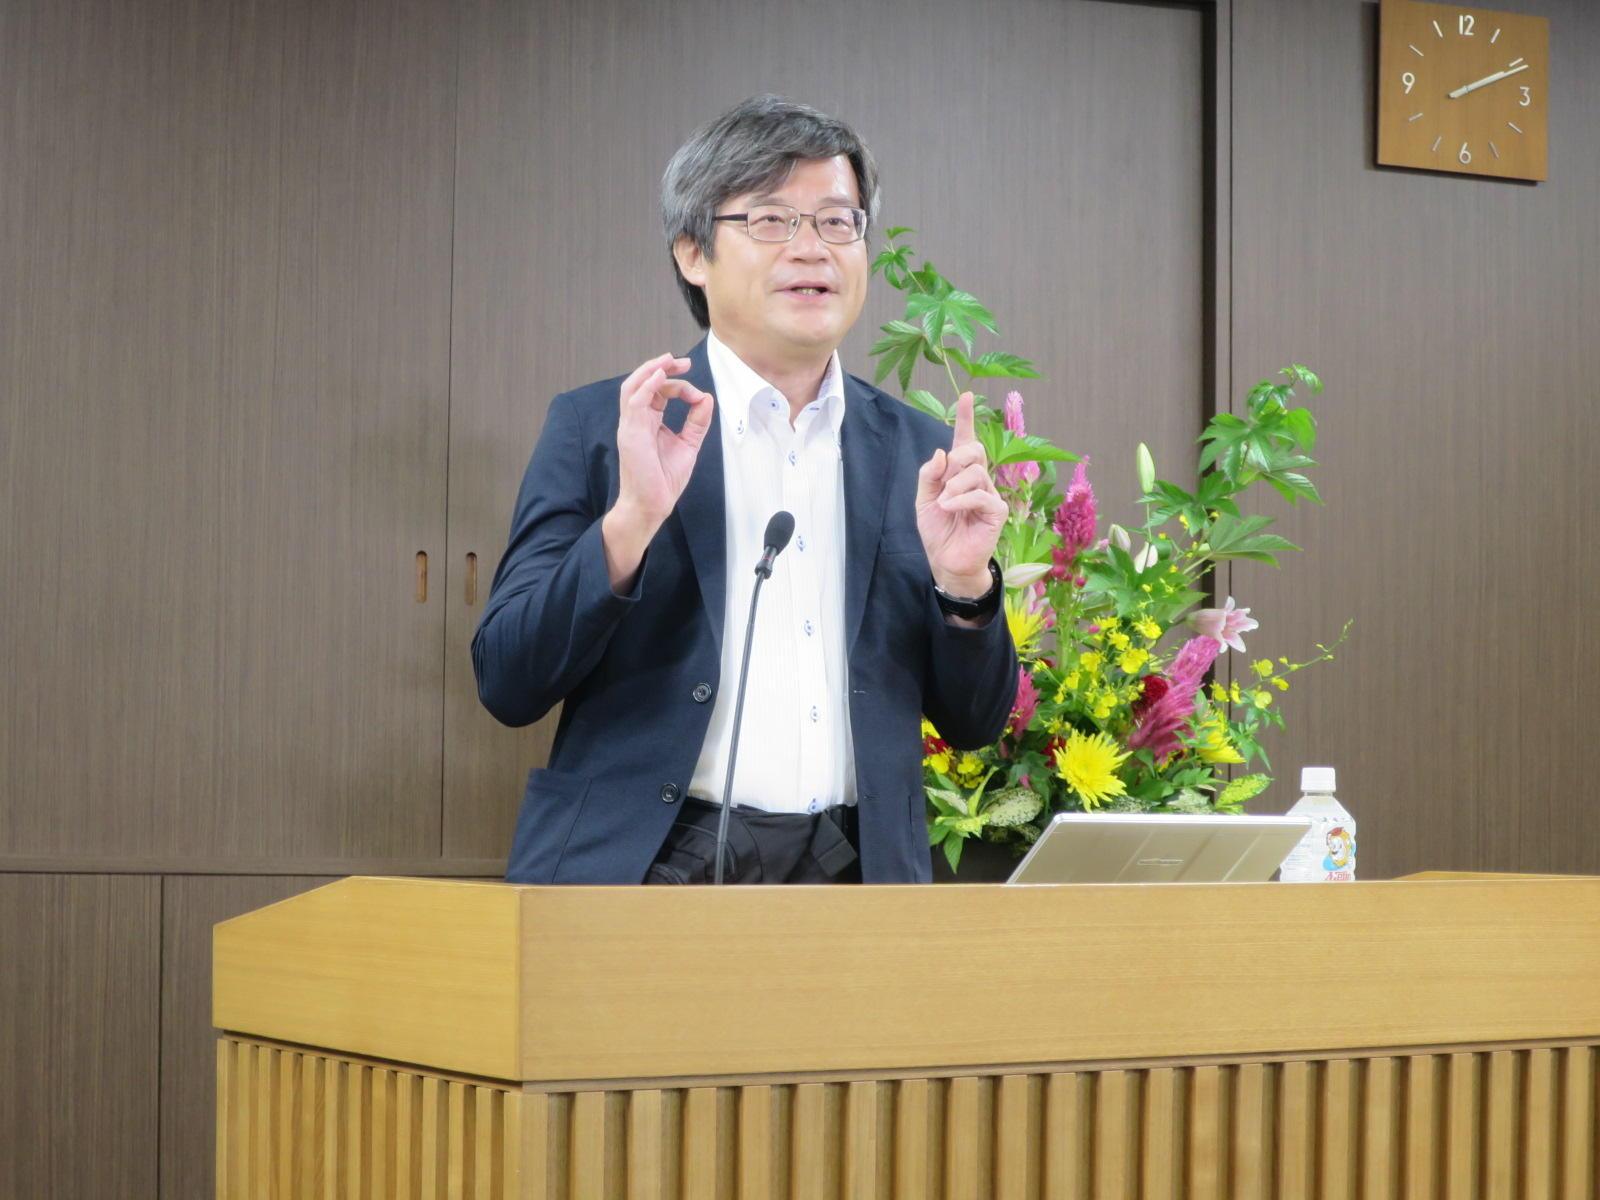 天野浩本学特別栄誉教授・名古屋大学教授